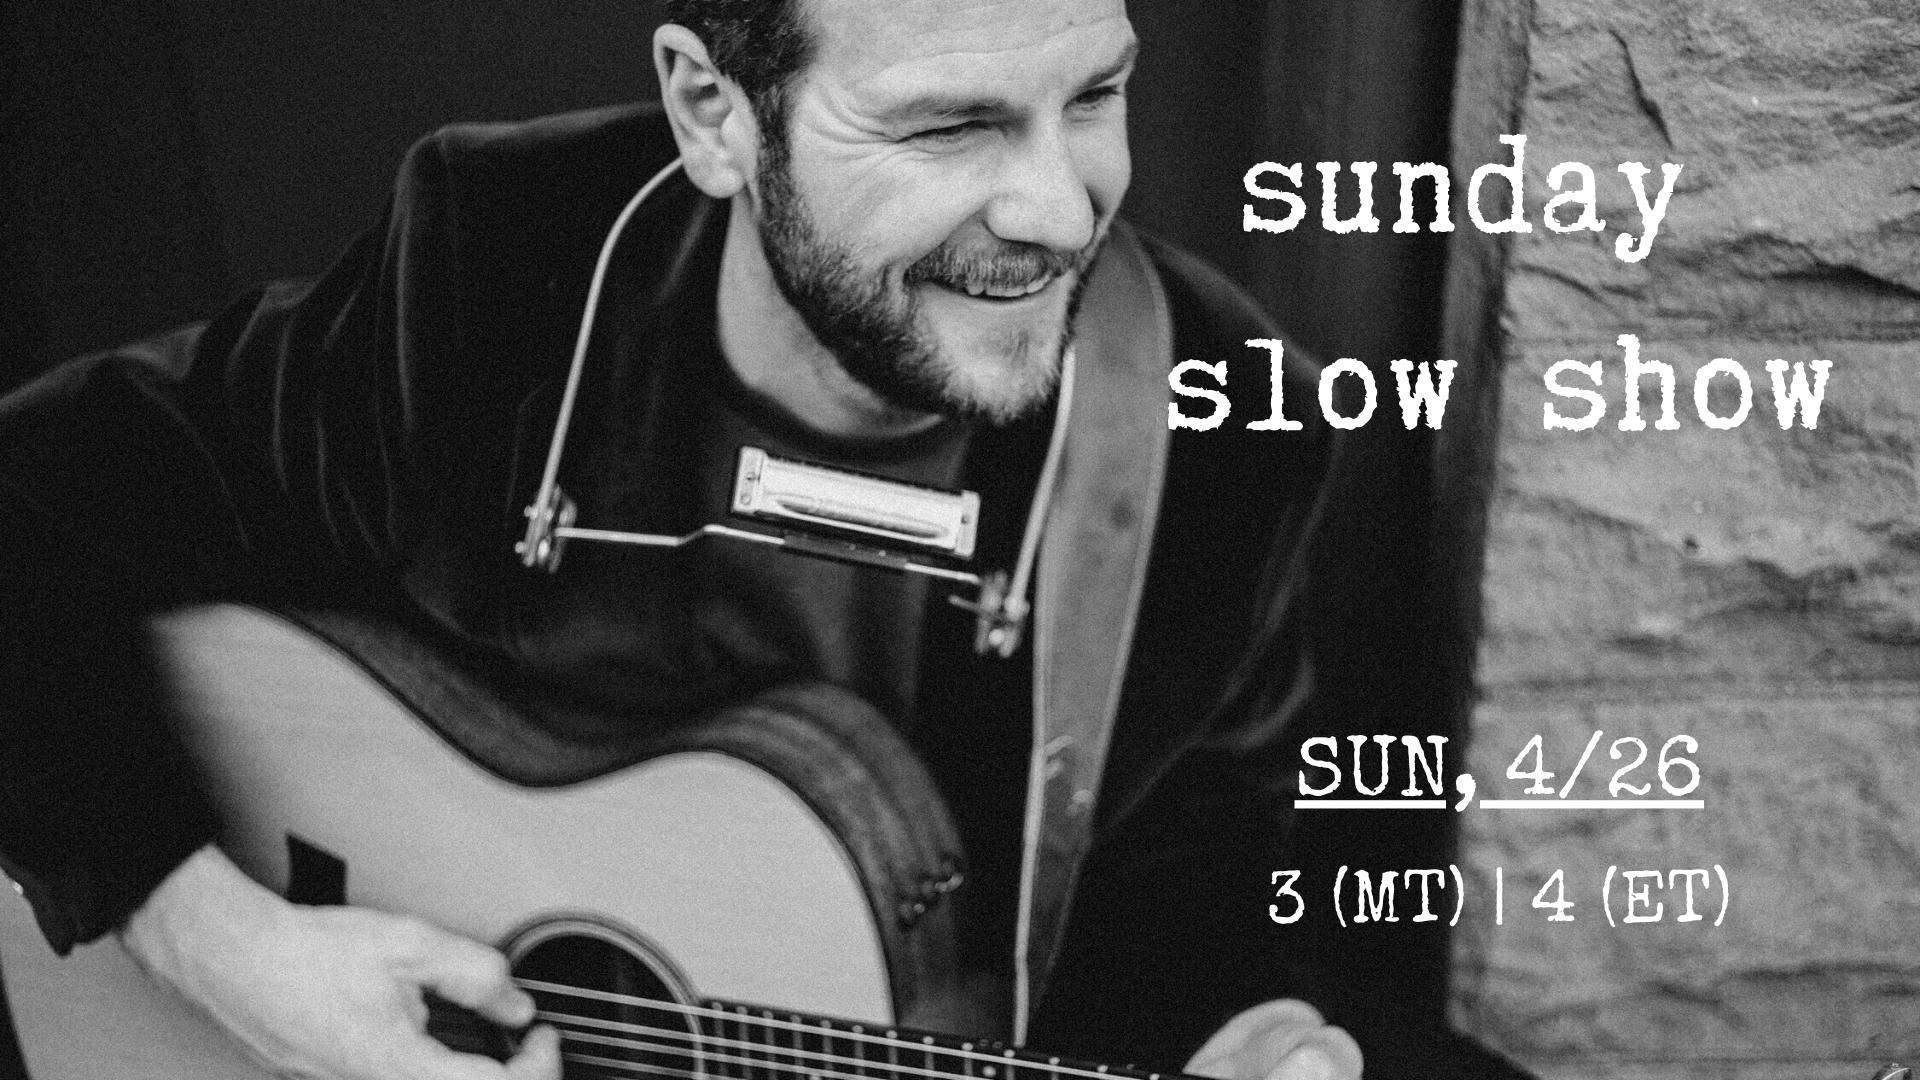 Sunday Slow Show